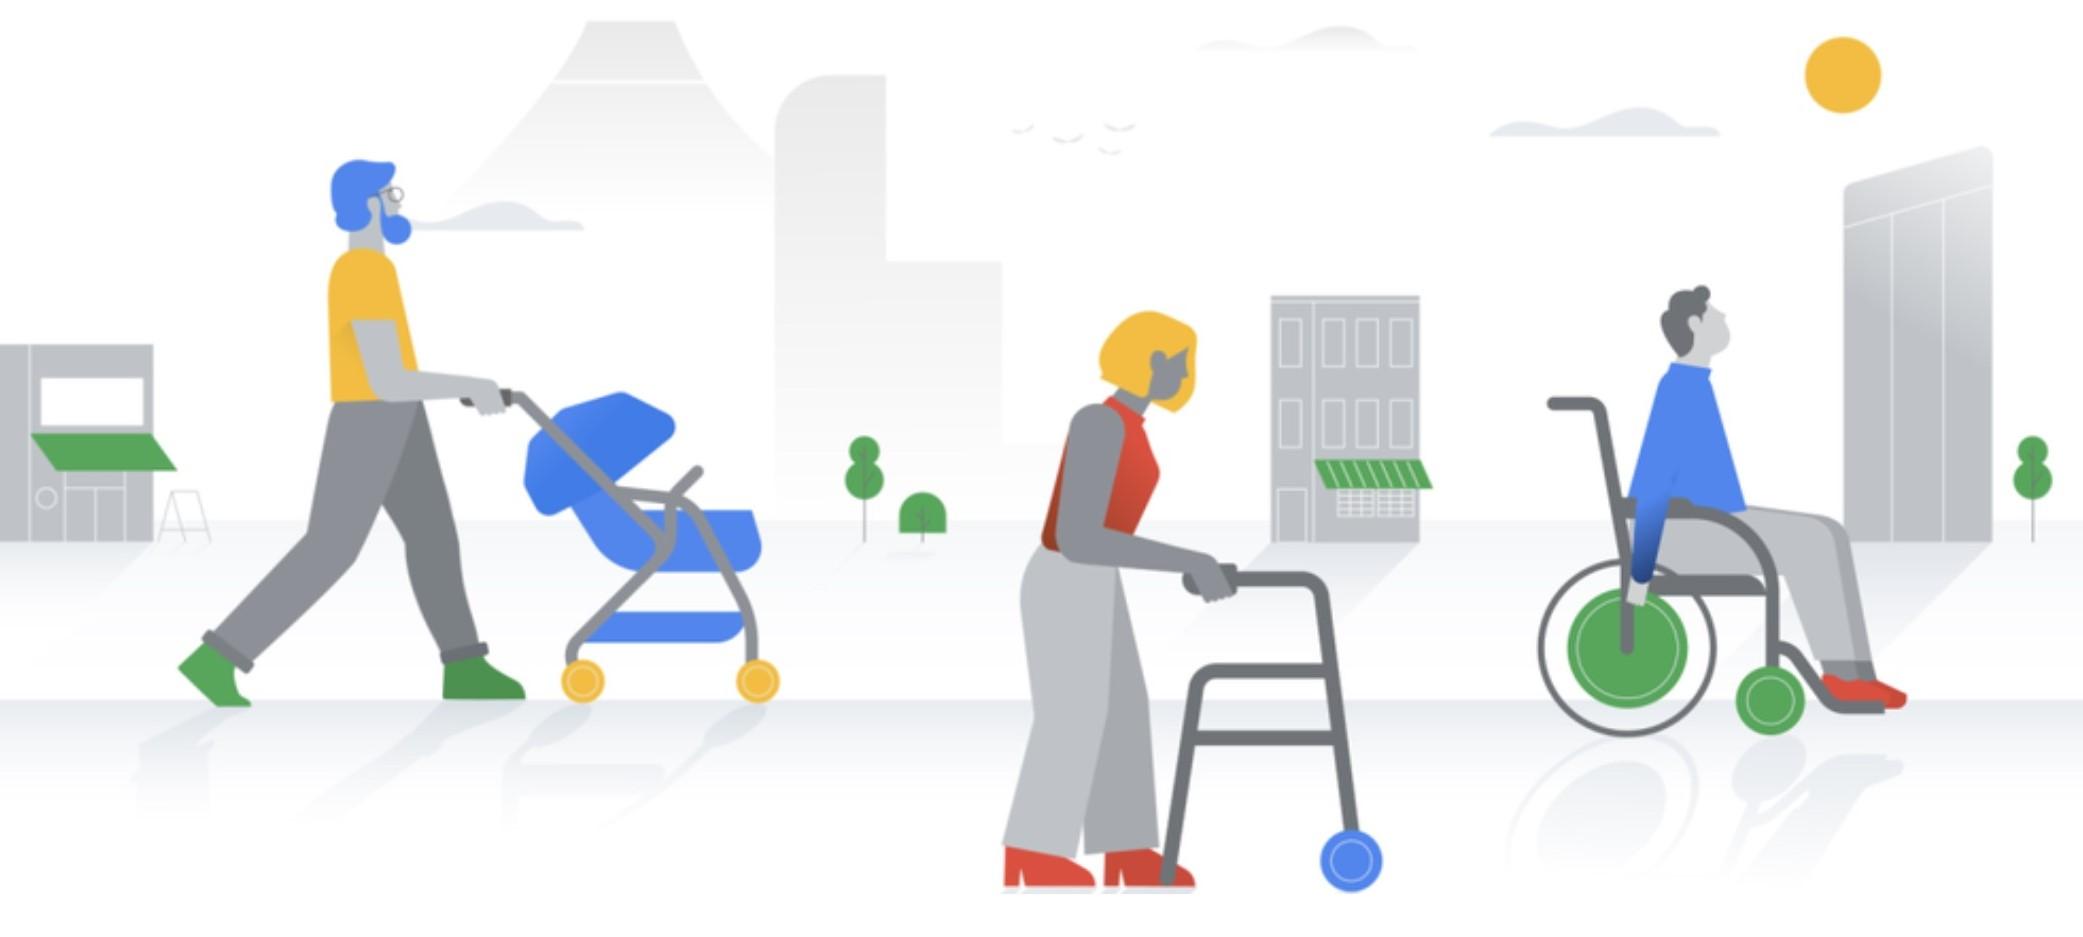 Mapy Google wyróżnią lokalizacje dostępne dla niepełnosprawnych za pomocą ikony wózka inwalidzkiego